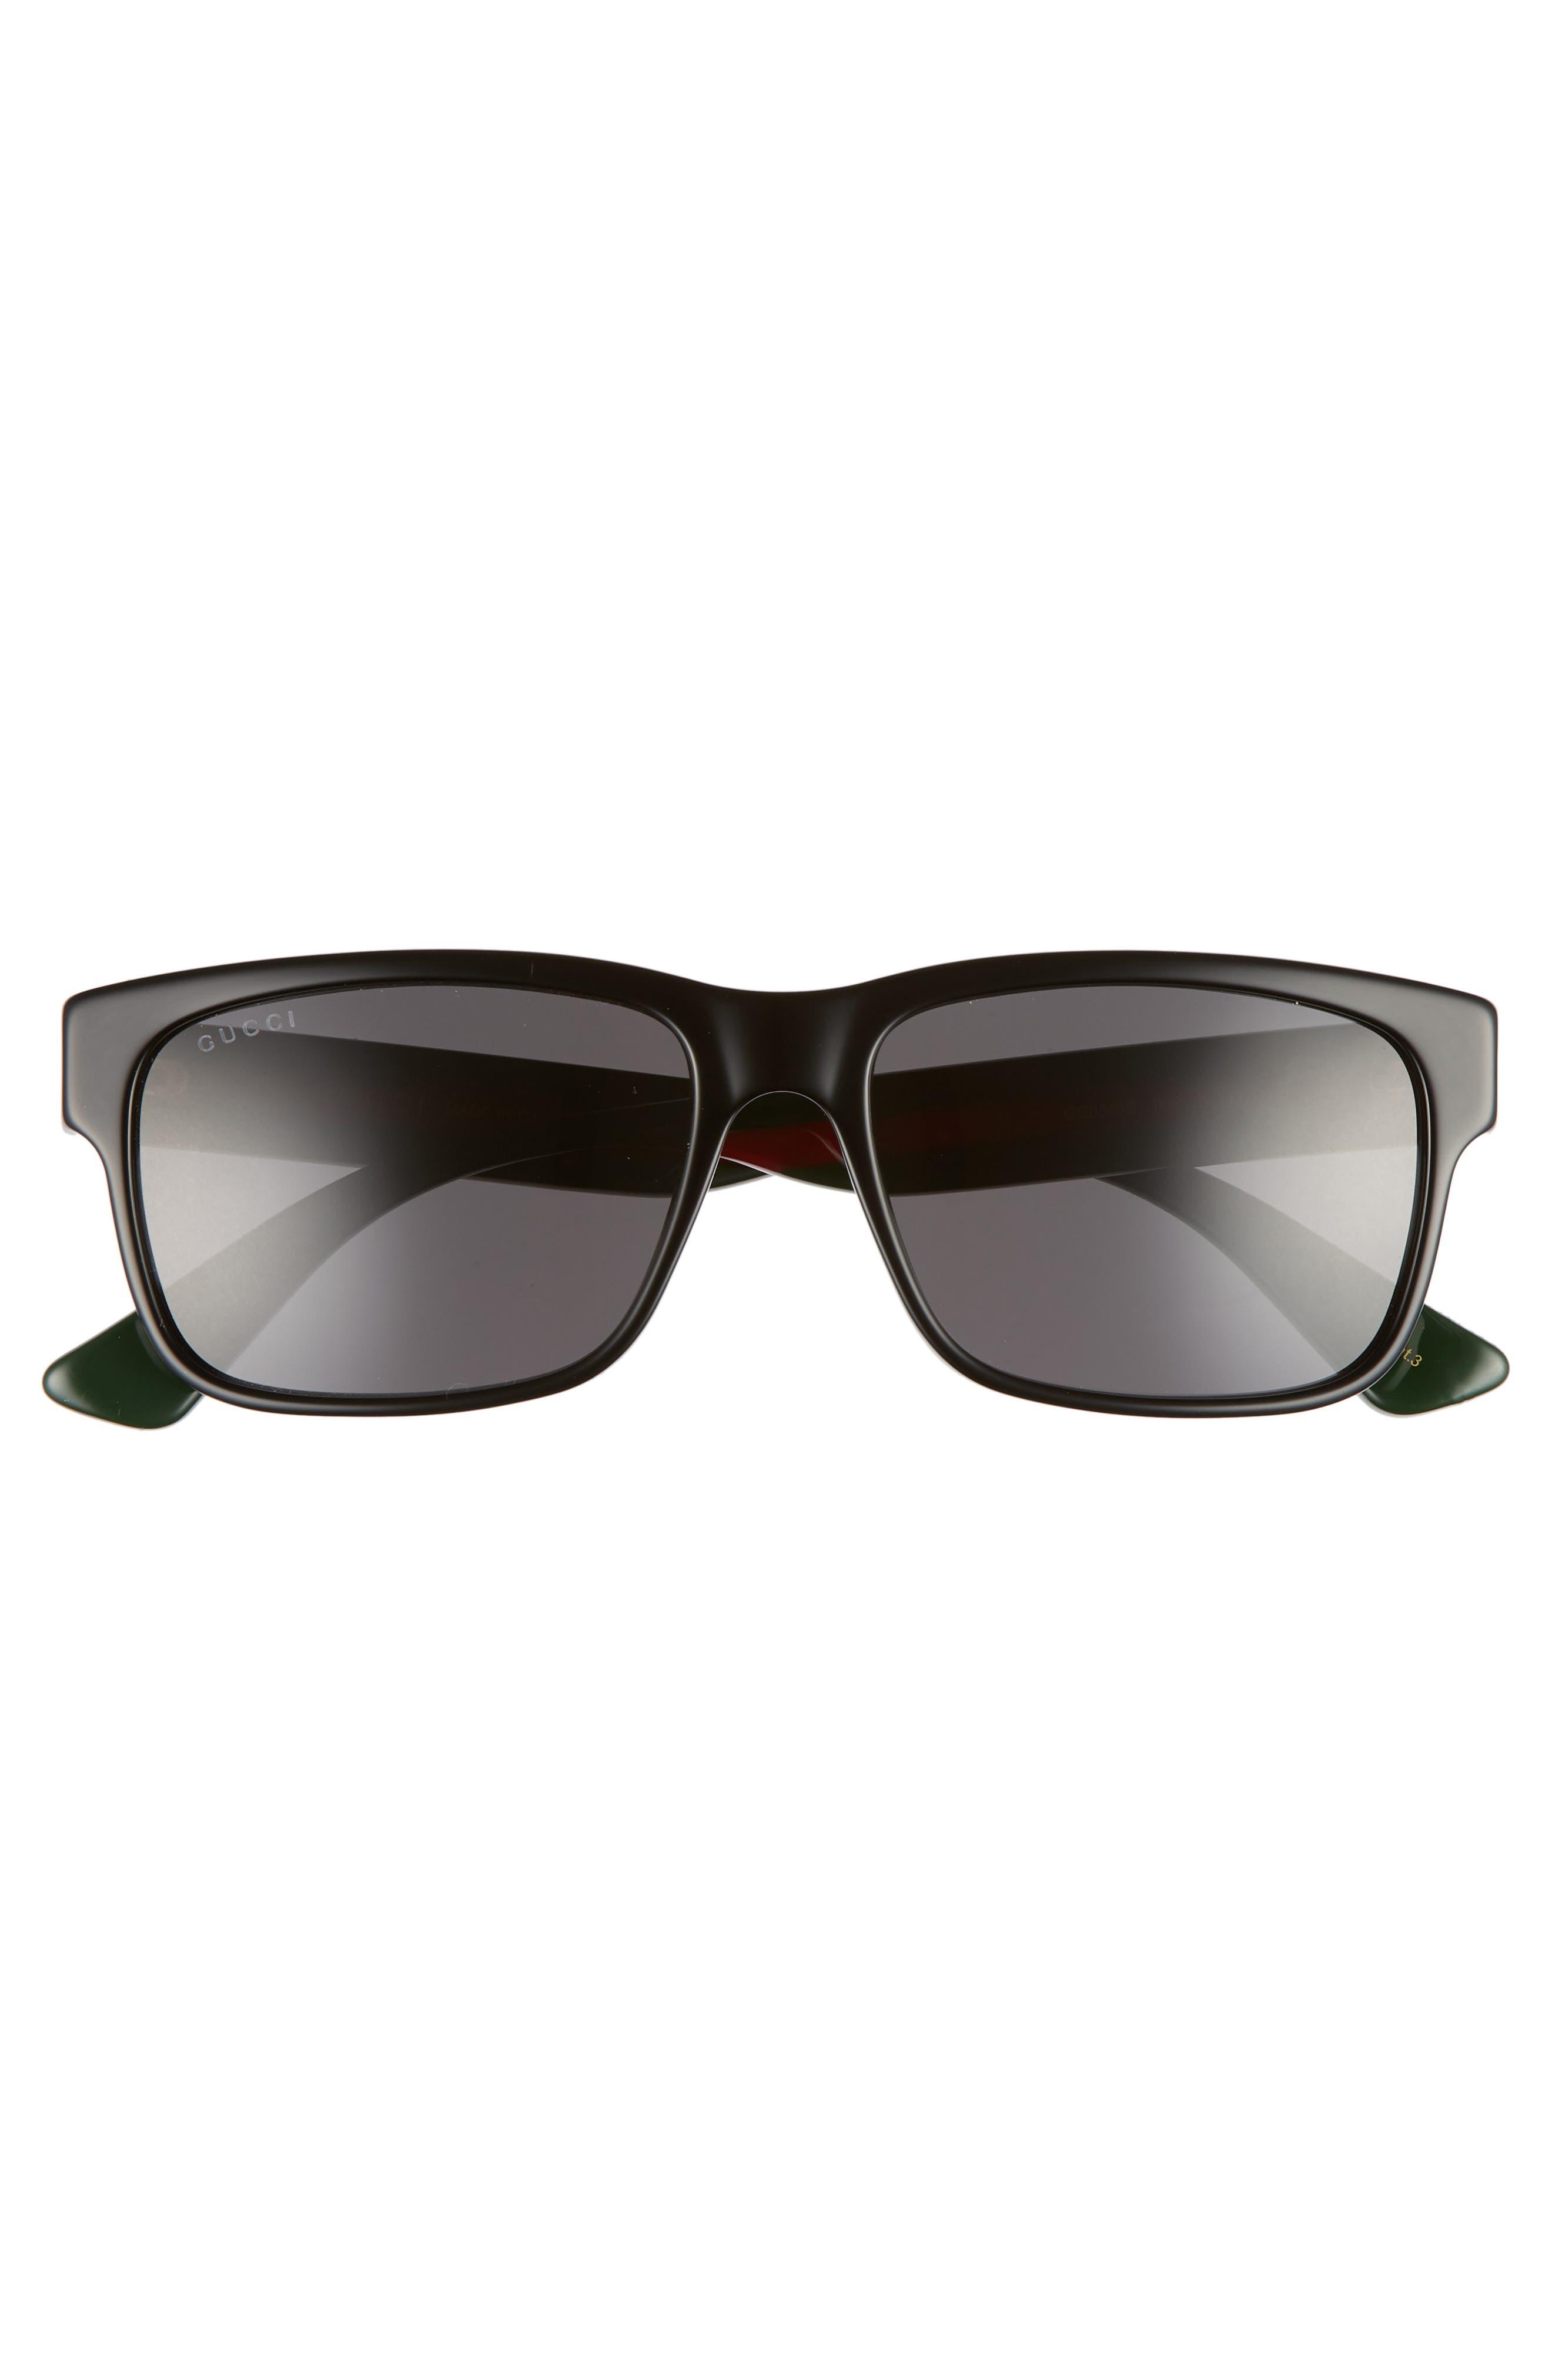 0e11b6da8c6 Men s Gucci Sunglasses   Eyeglasses